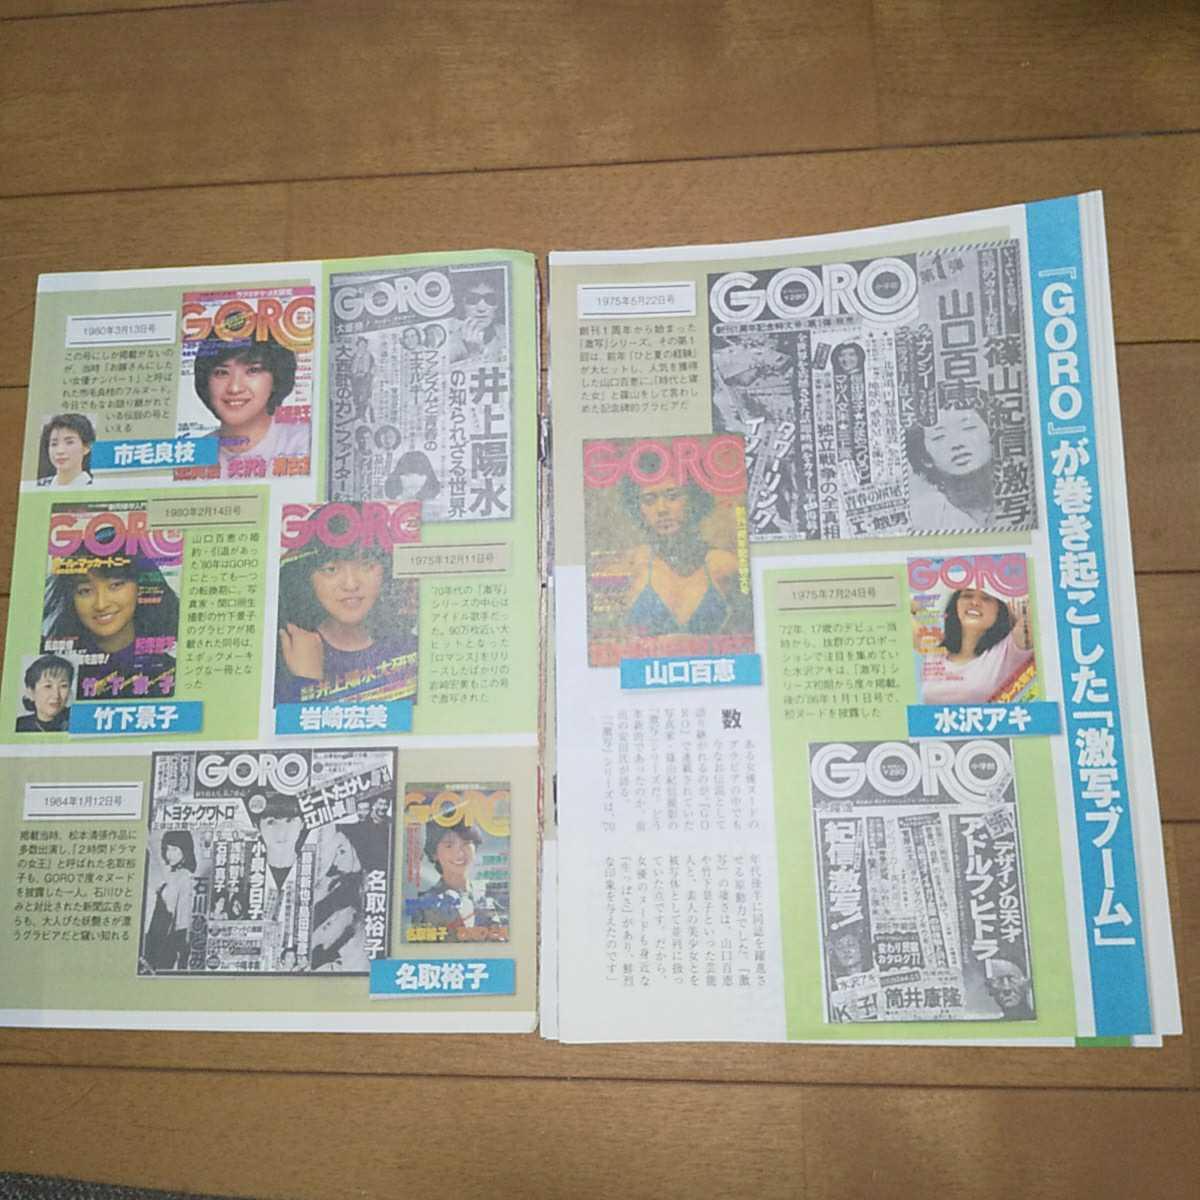 【雑誌切り抜き】 『GORO』『スコラ』『月刊プレイボーイ』『平凡パンチ』あの女優ヌードを憶えていますか 8P_画像3